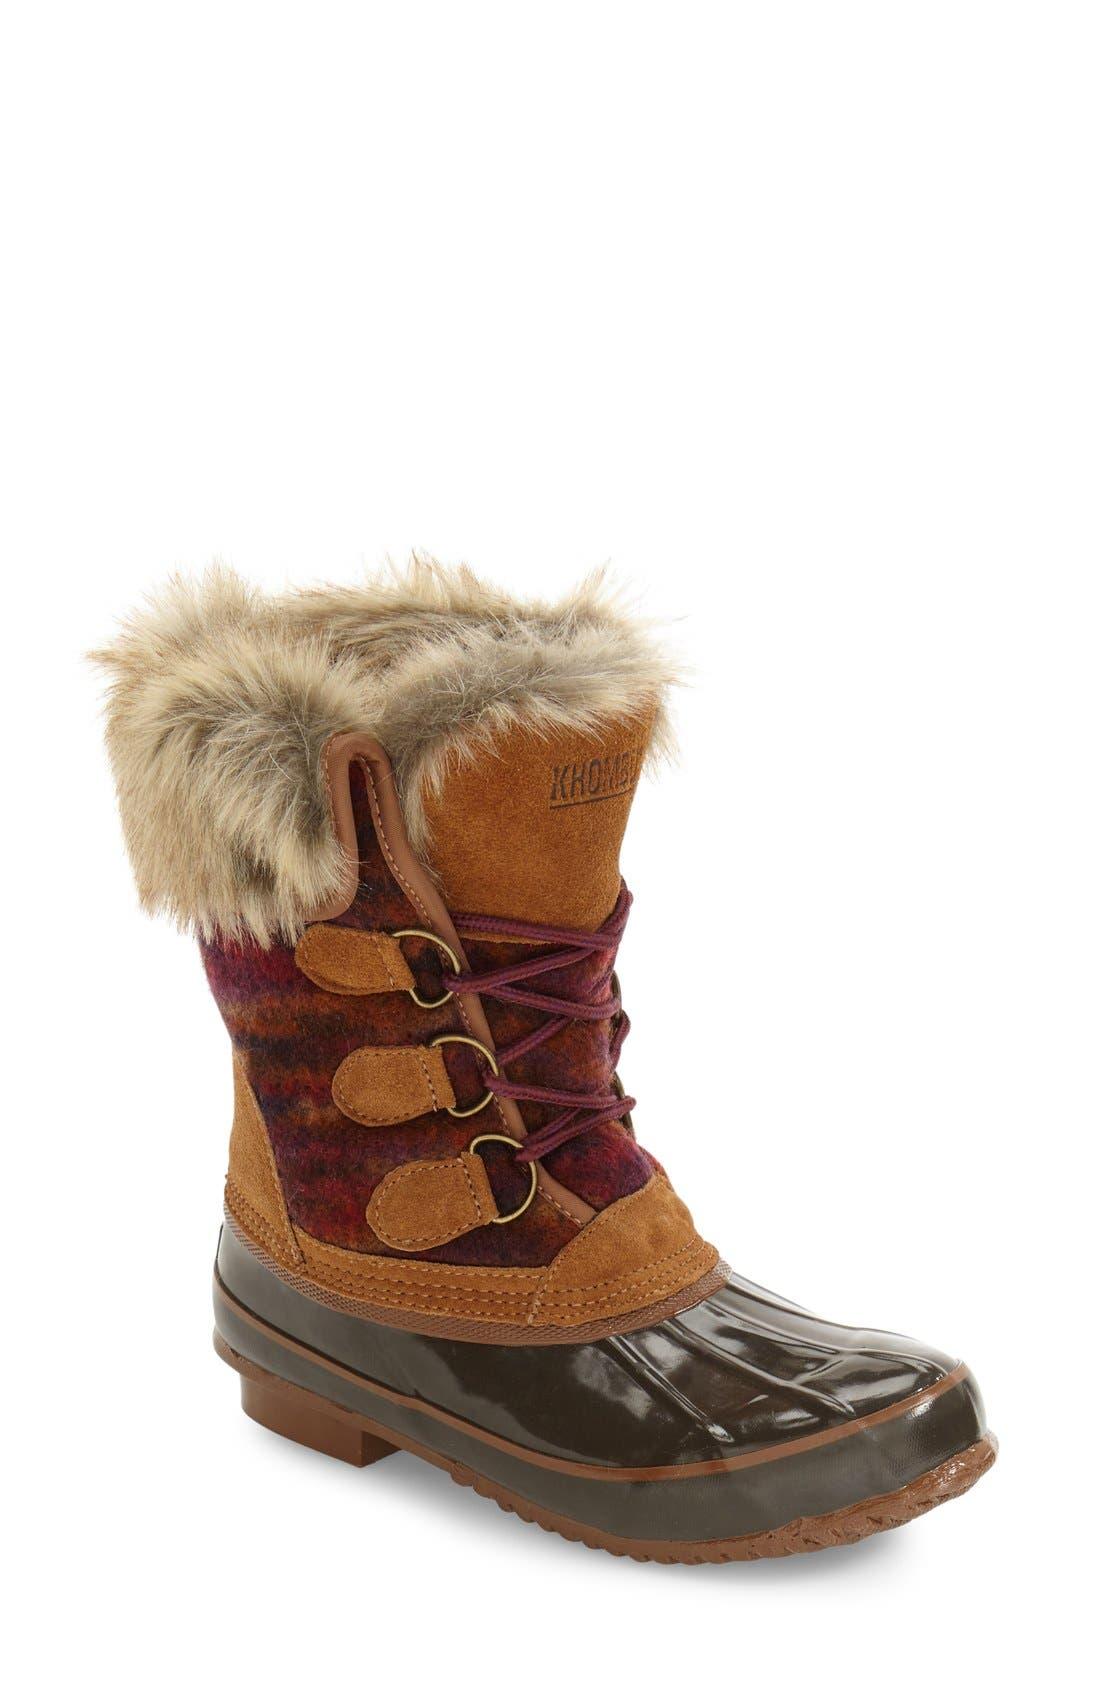 KHOMBU Lace-Up Winter Boot